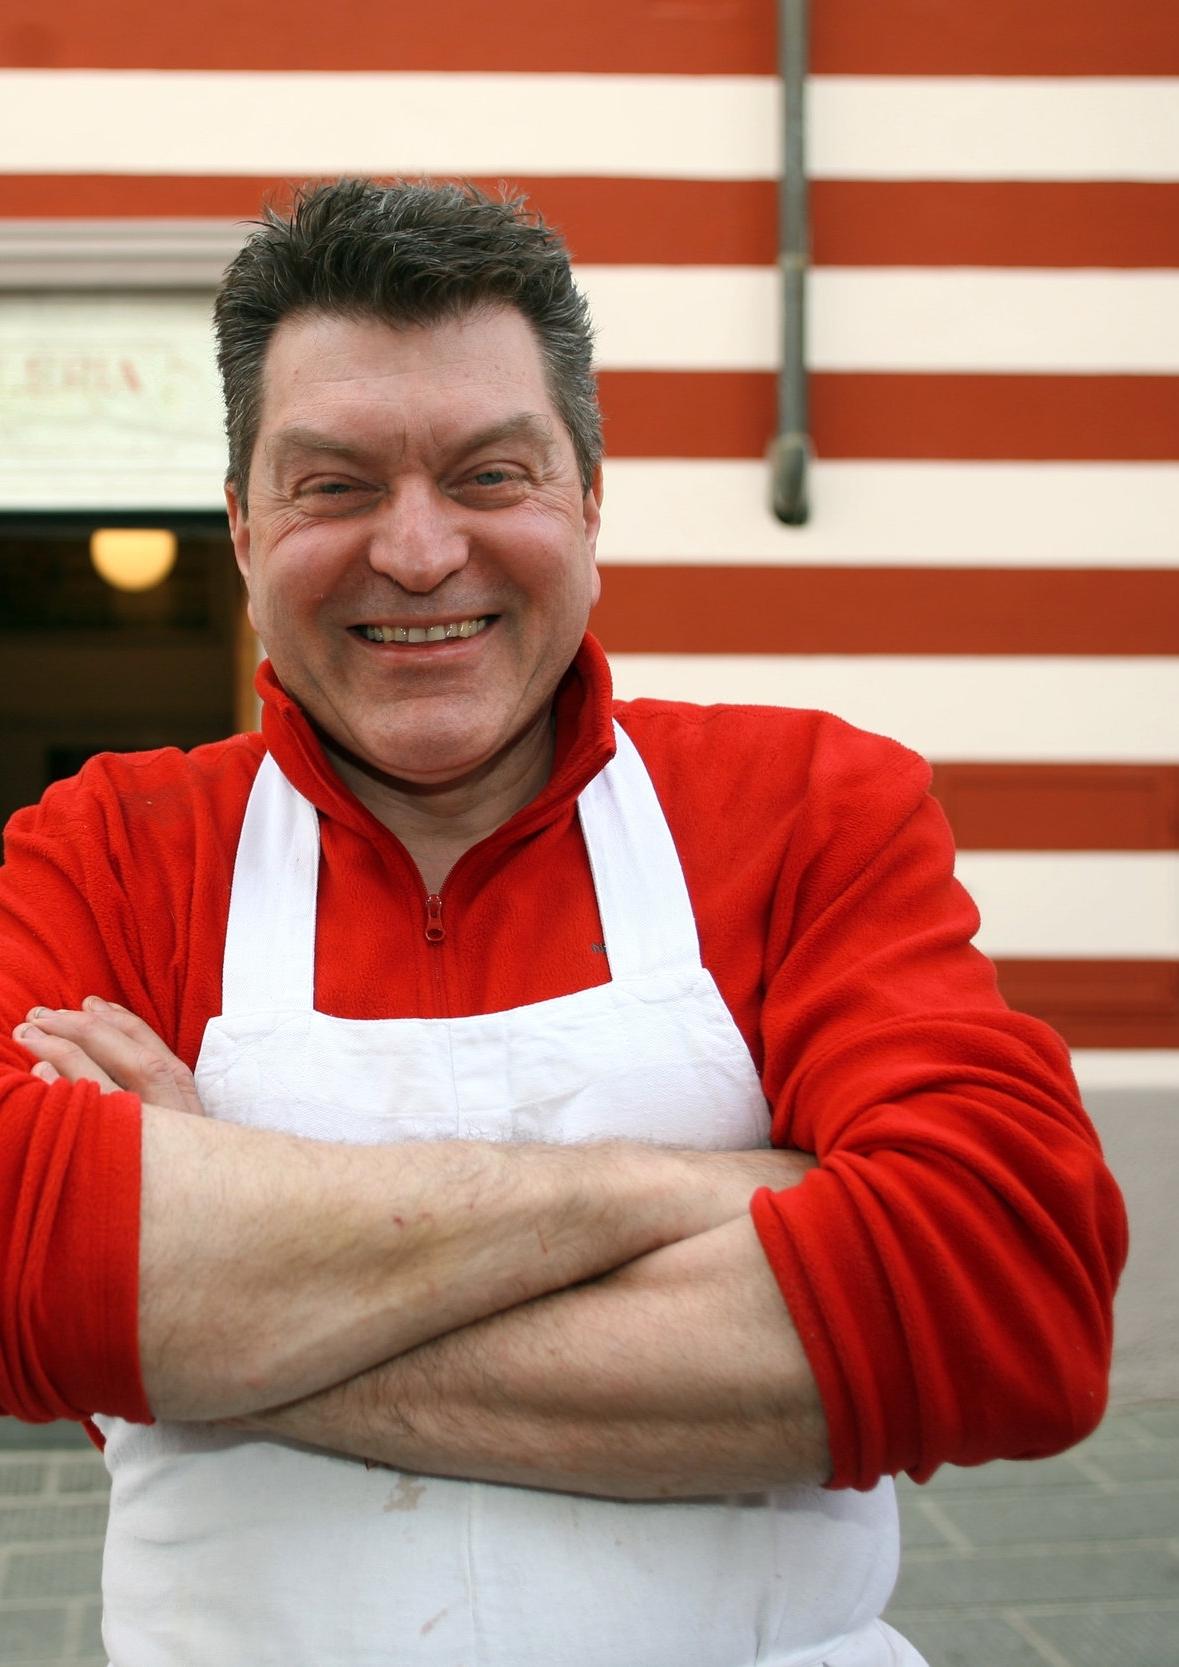 Dario Cecchini - butcher from Panzano-in-Chianti